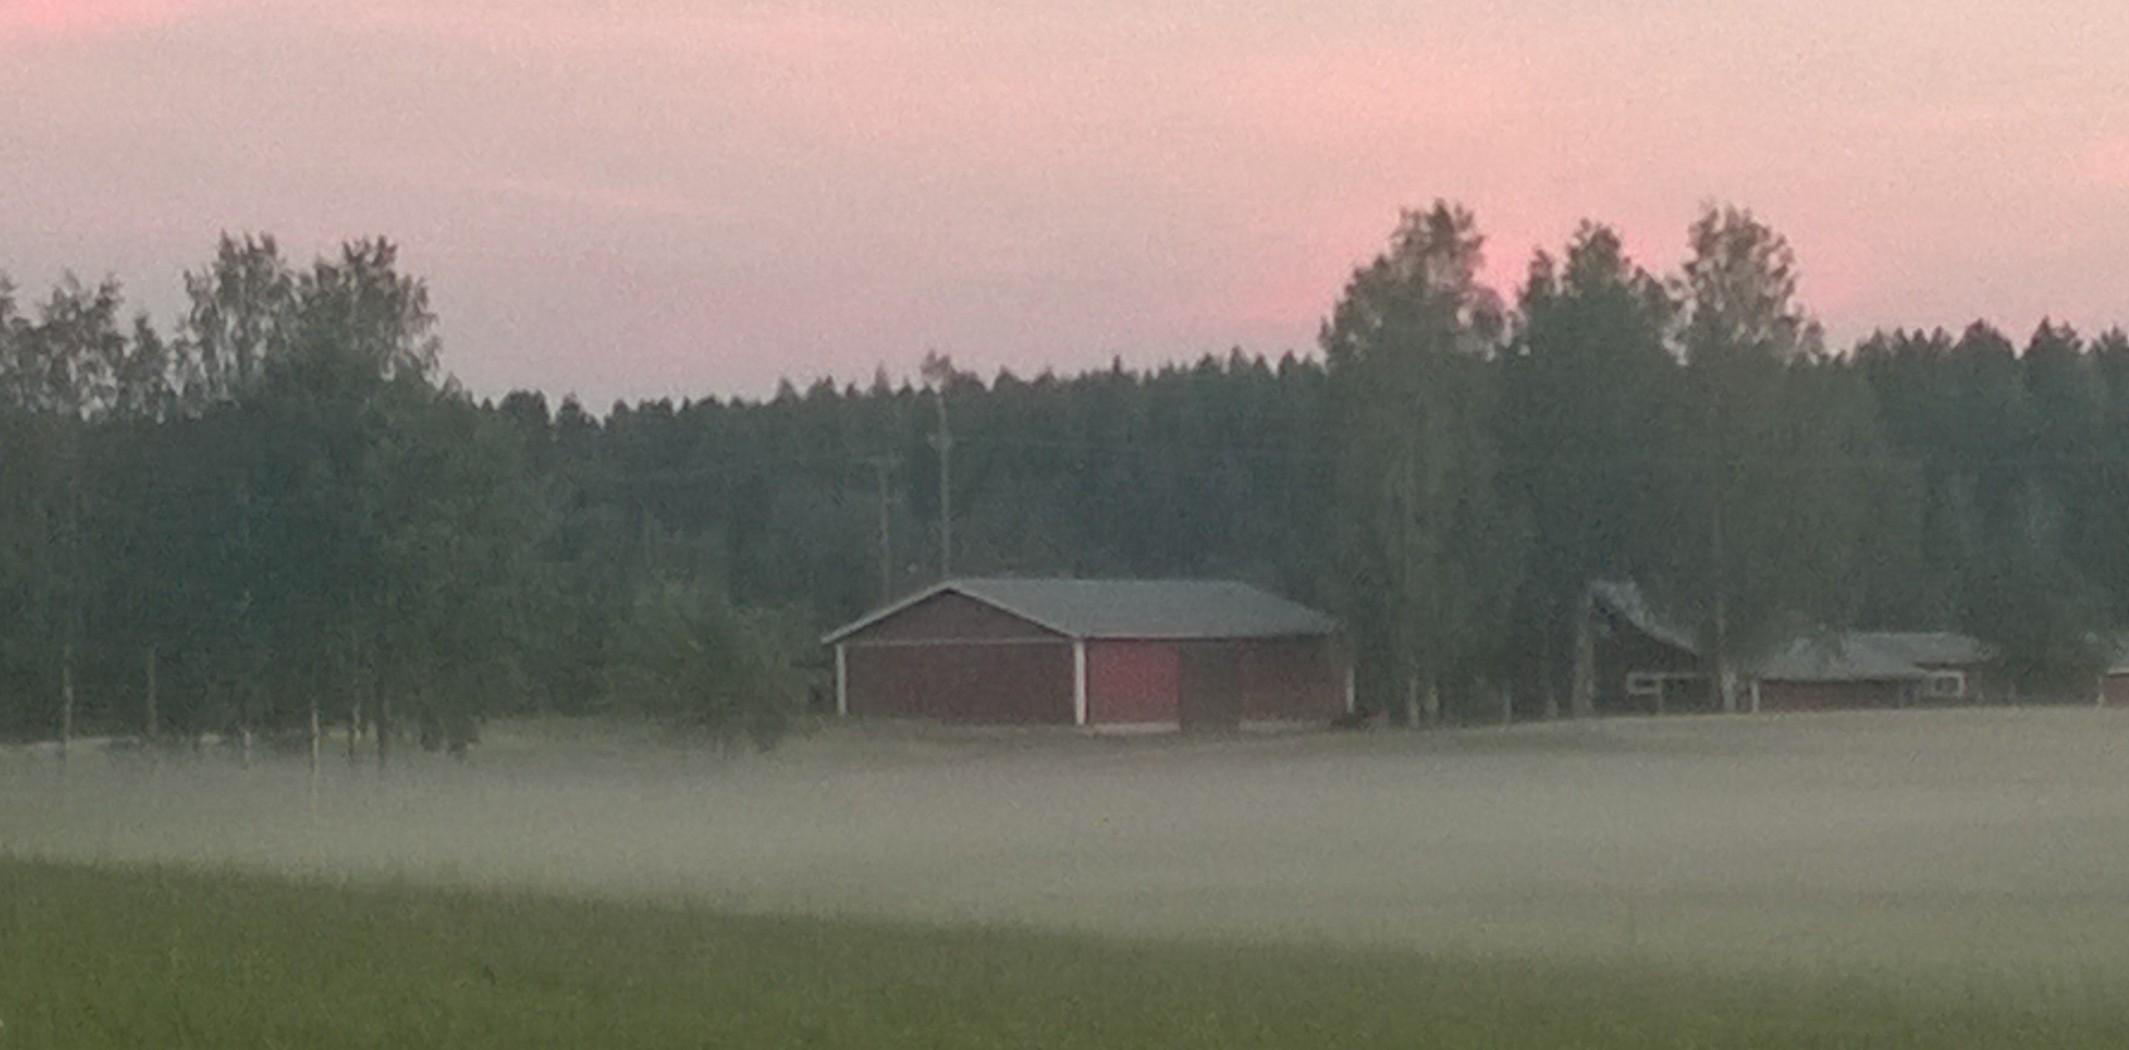 Al ocaso, una espectral niebla surge de la hierba y se traga el bajío.